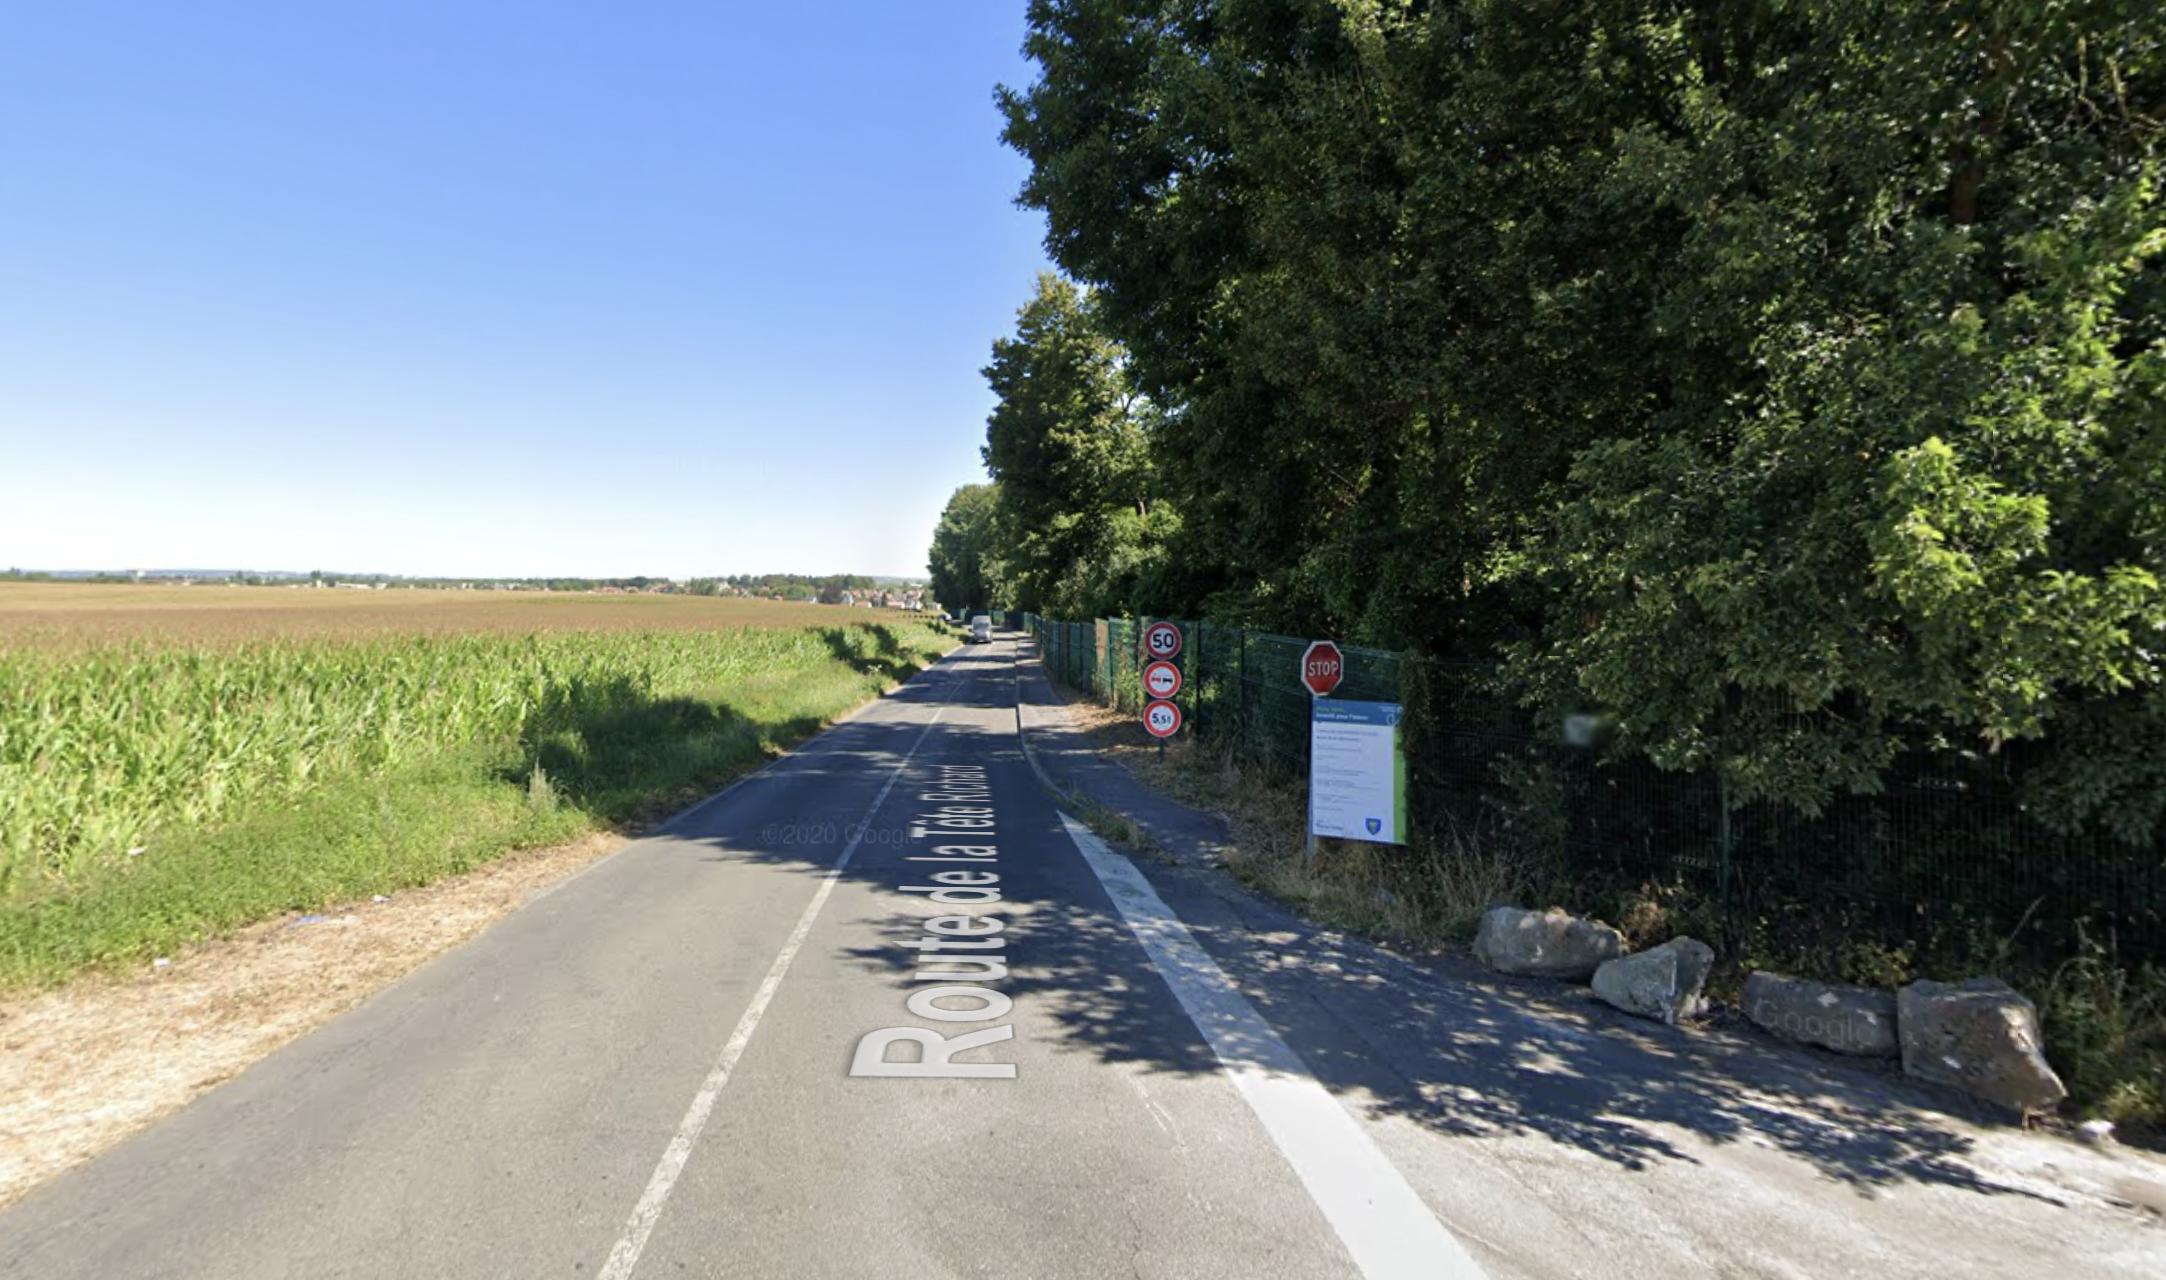 Interdiction de circulation sur la Route de la Tete Richard du 29 mars au 02 avril 2021